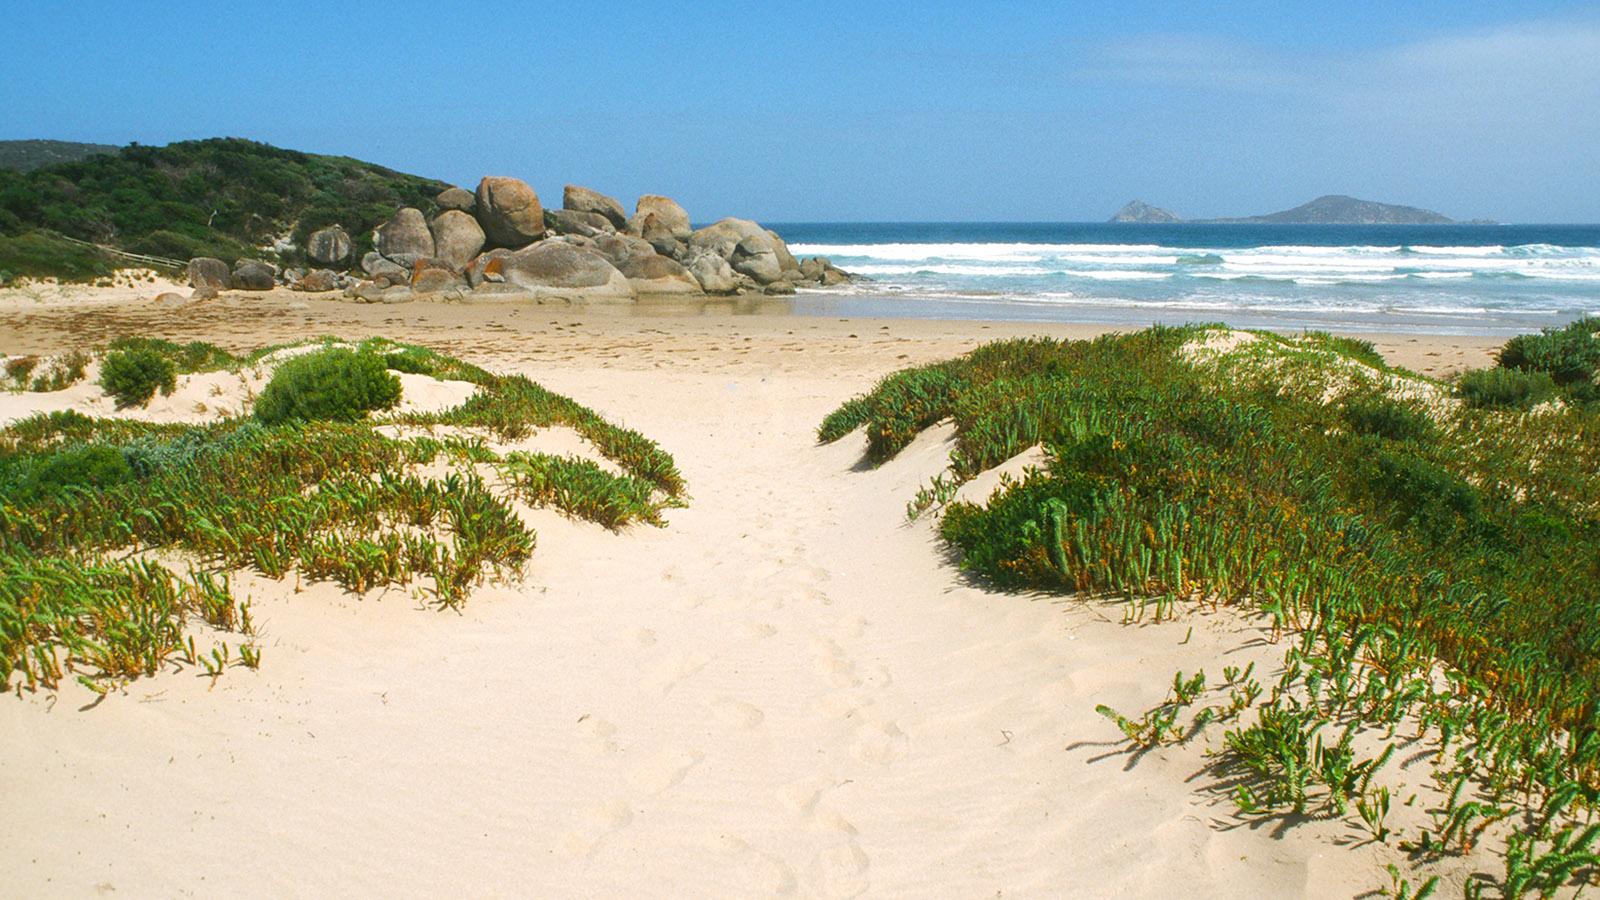 Sydney-Melbourne Coastal Drive: Die Whisky Bay des Wilsons Promontory. Foto: Hilke Maunder